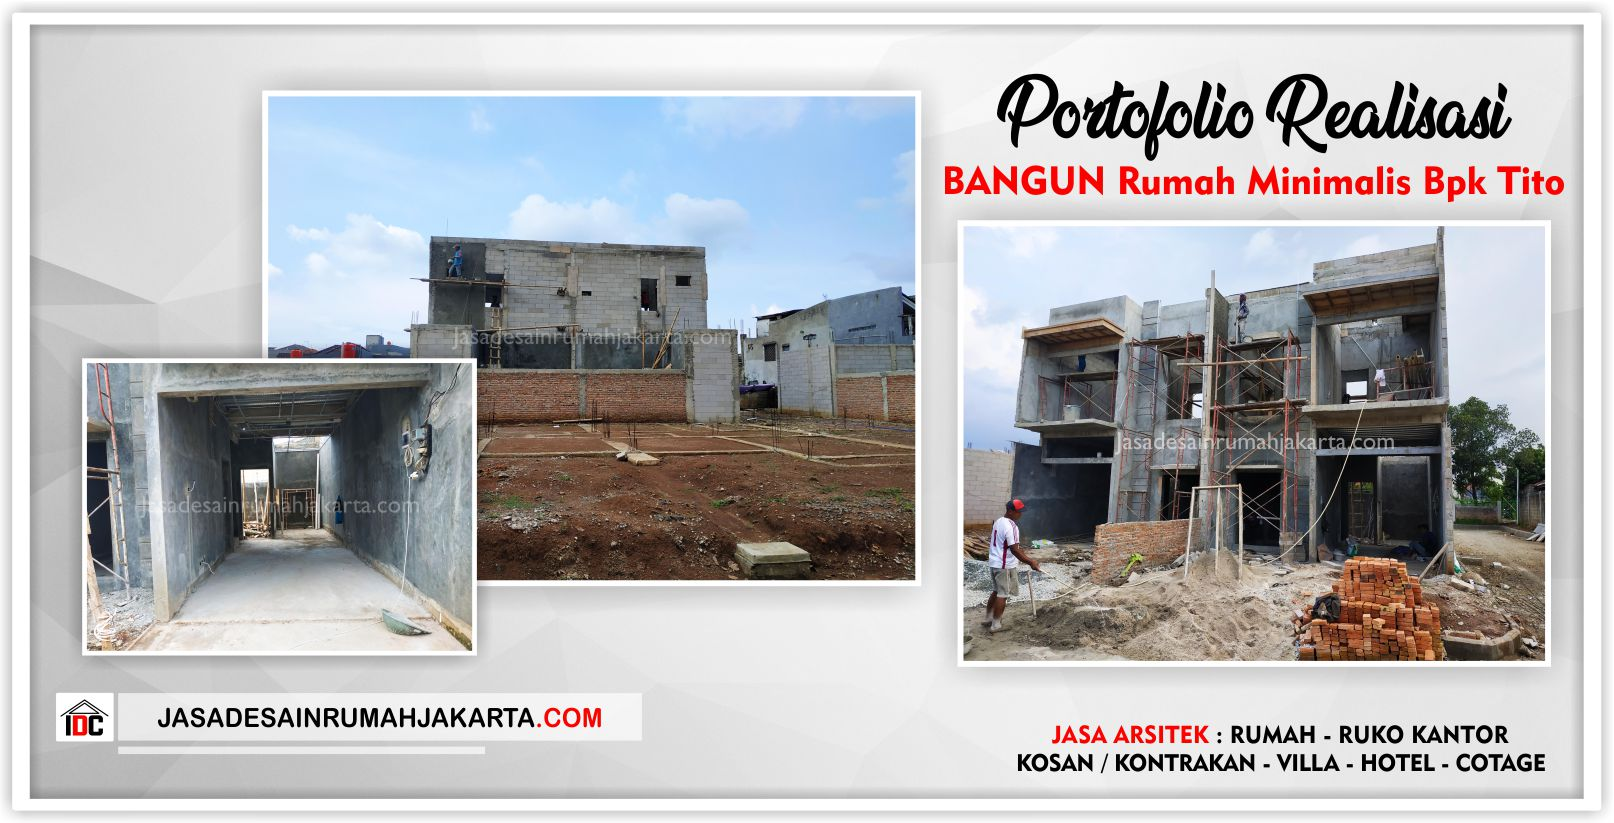 Realisasi Kunjungan Rumah Bpk Tito-Arsitek Gambar Desain Rumah Minimalis Modern Di Bekasi-Jakarta-Surabaya-Tangerang-Jasa Konsultan Desain Arsitek Profesional 2